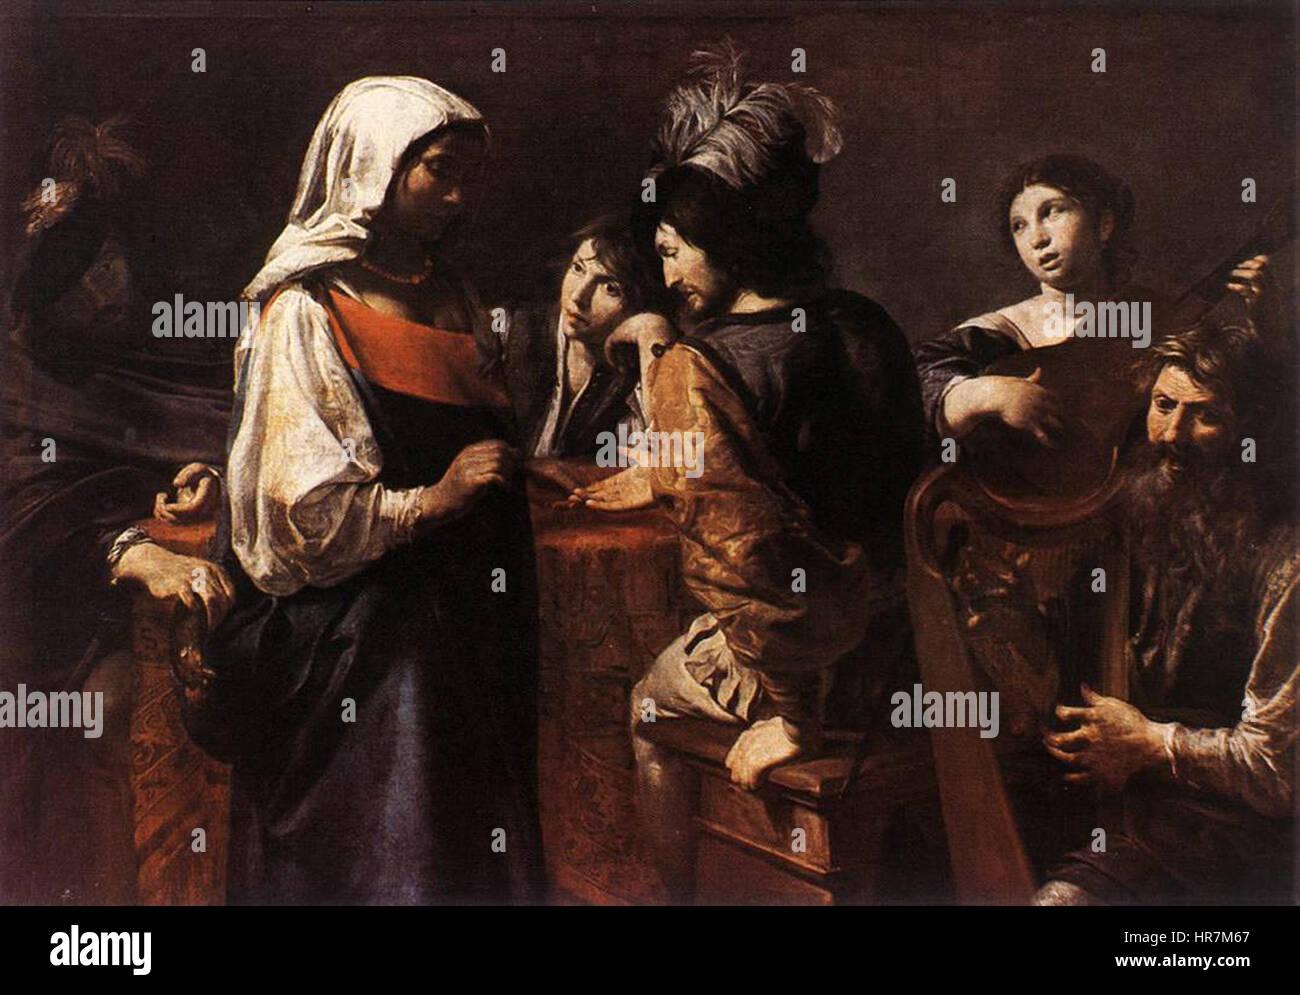 Valentin de Boulogne, Fortune Teller 01 - Stock Image